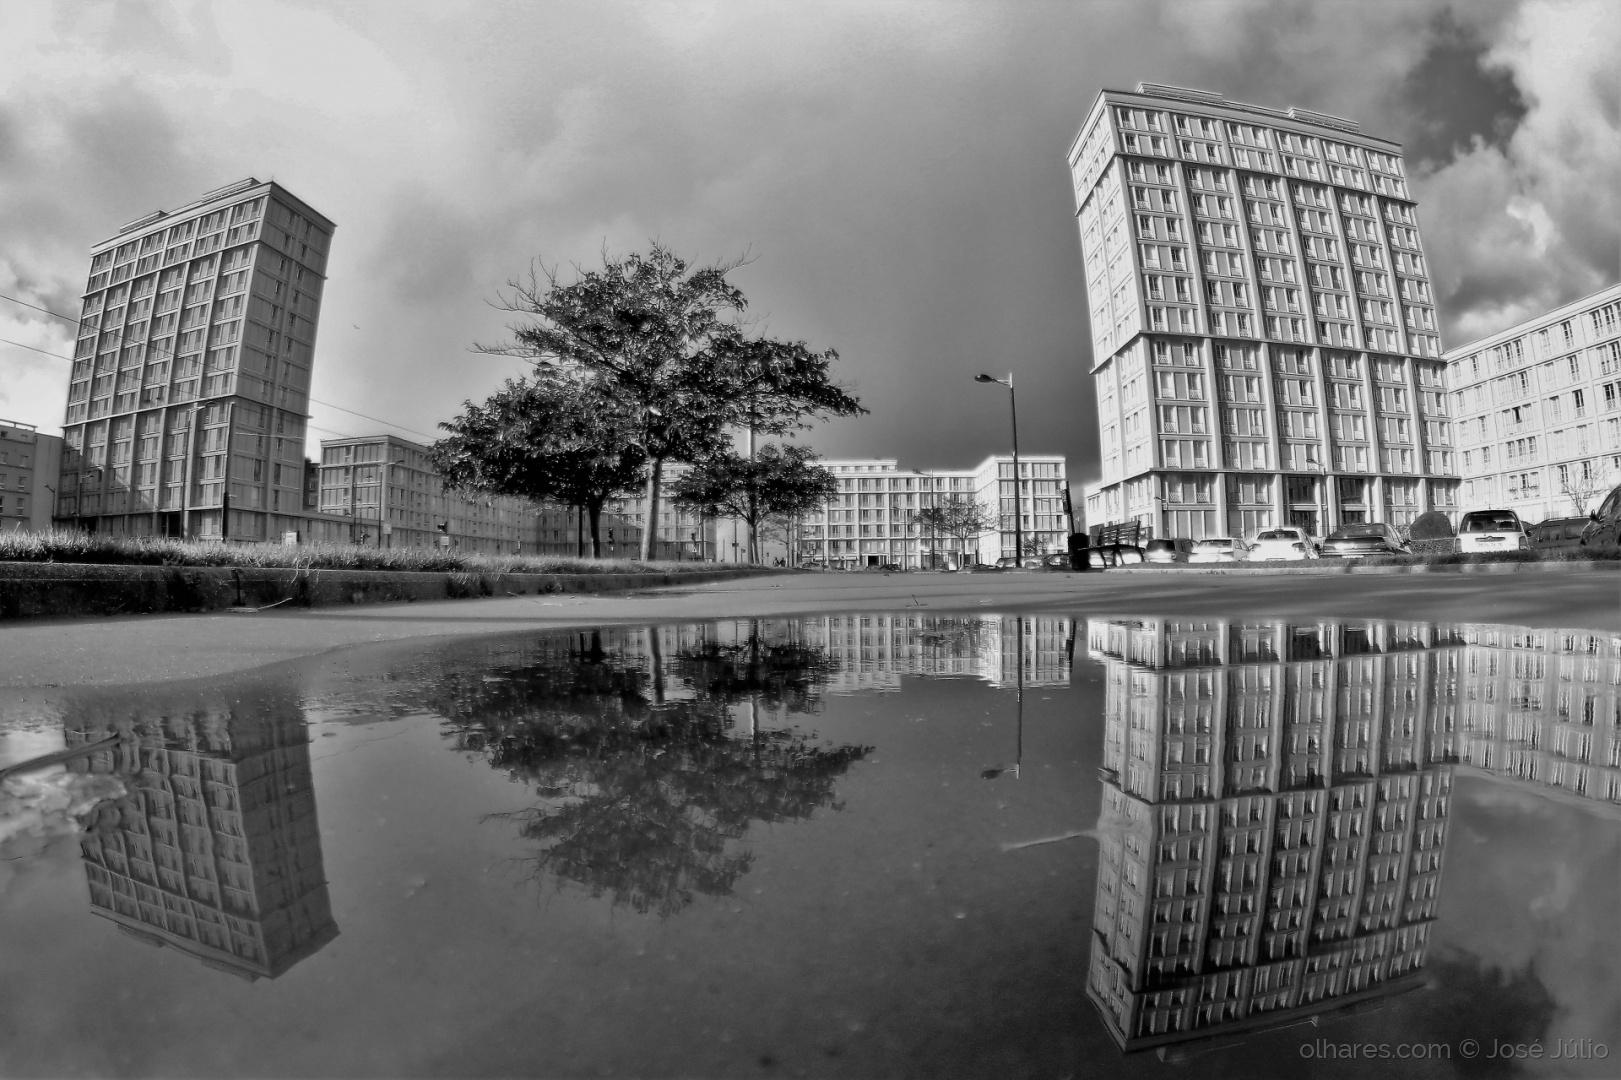 Paisagem Urbana/A cidade depois da chuva